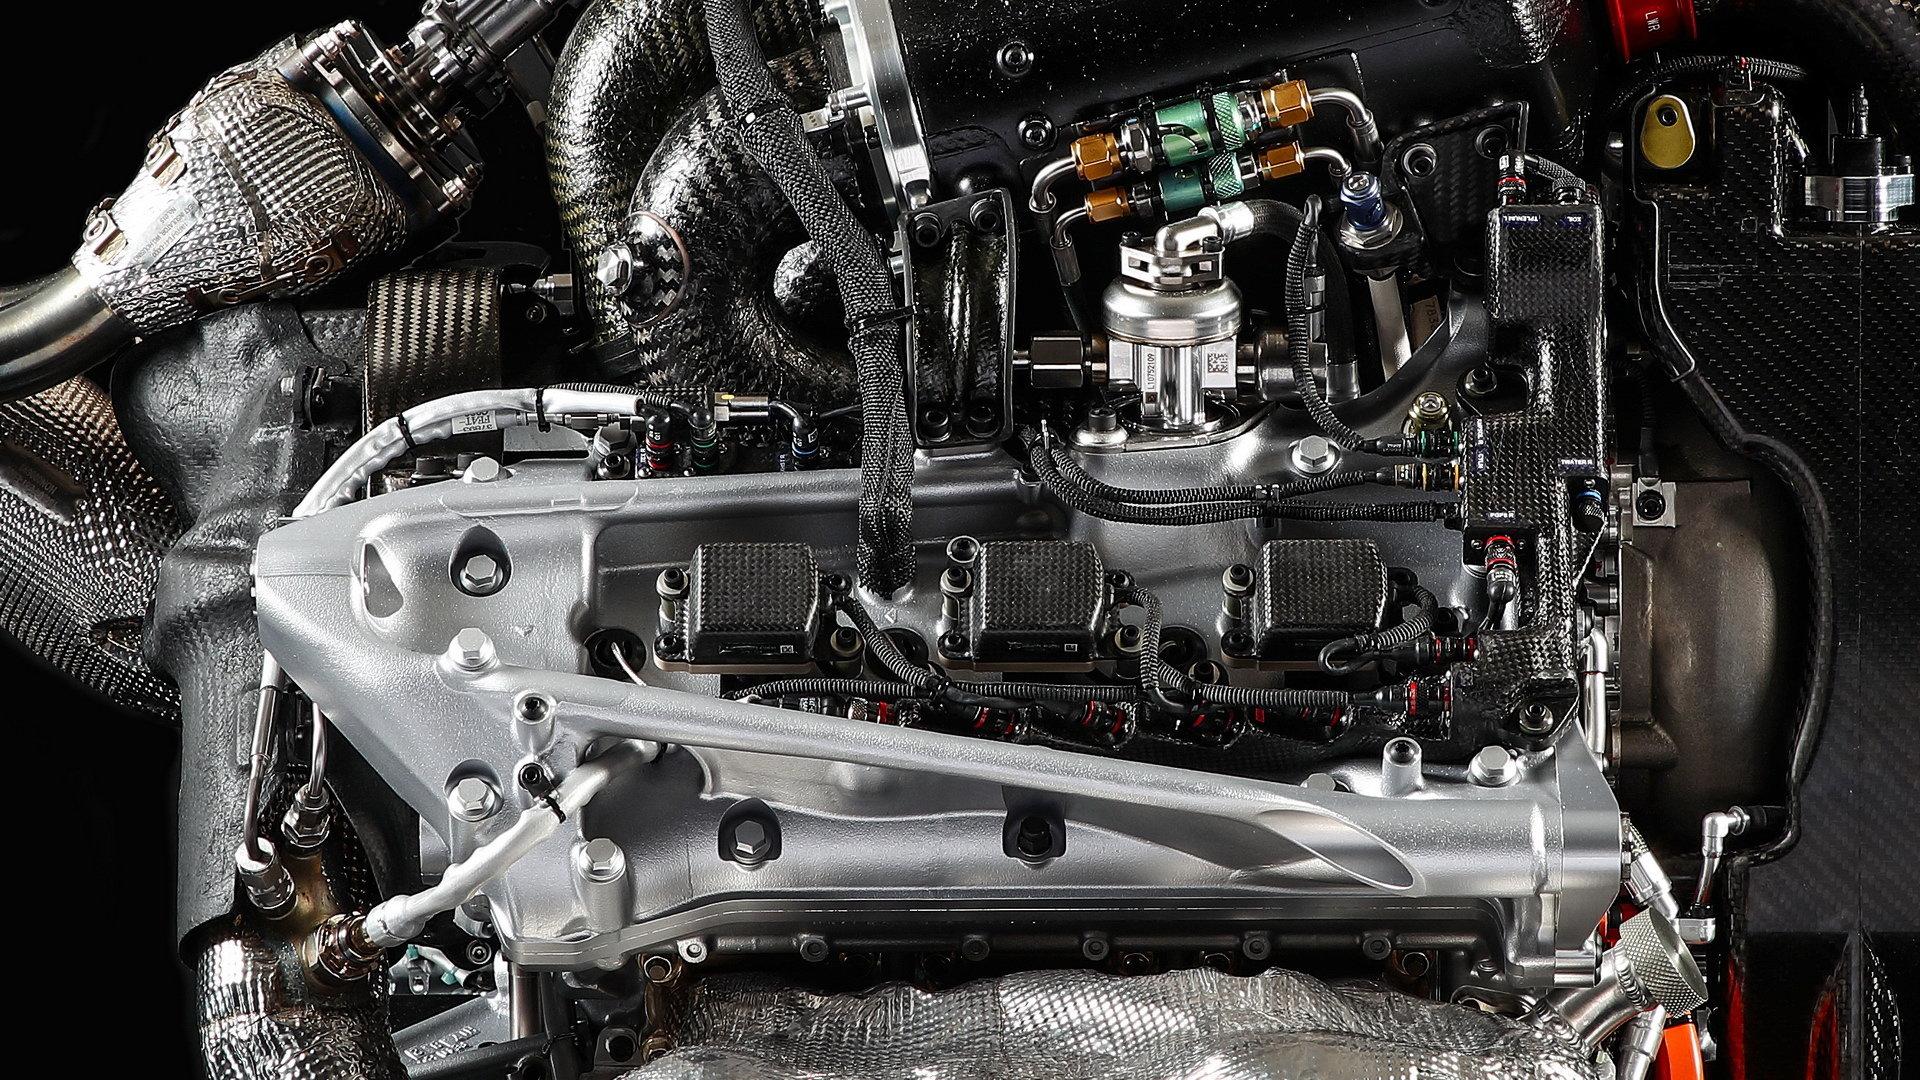 Detaily pohonné jednotky Honda RA617H